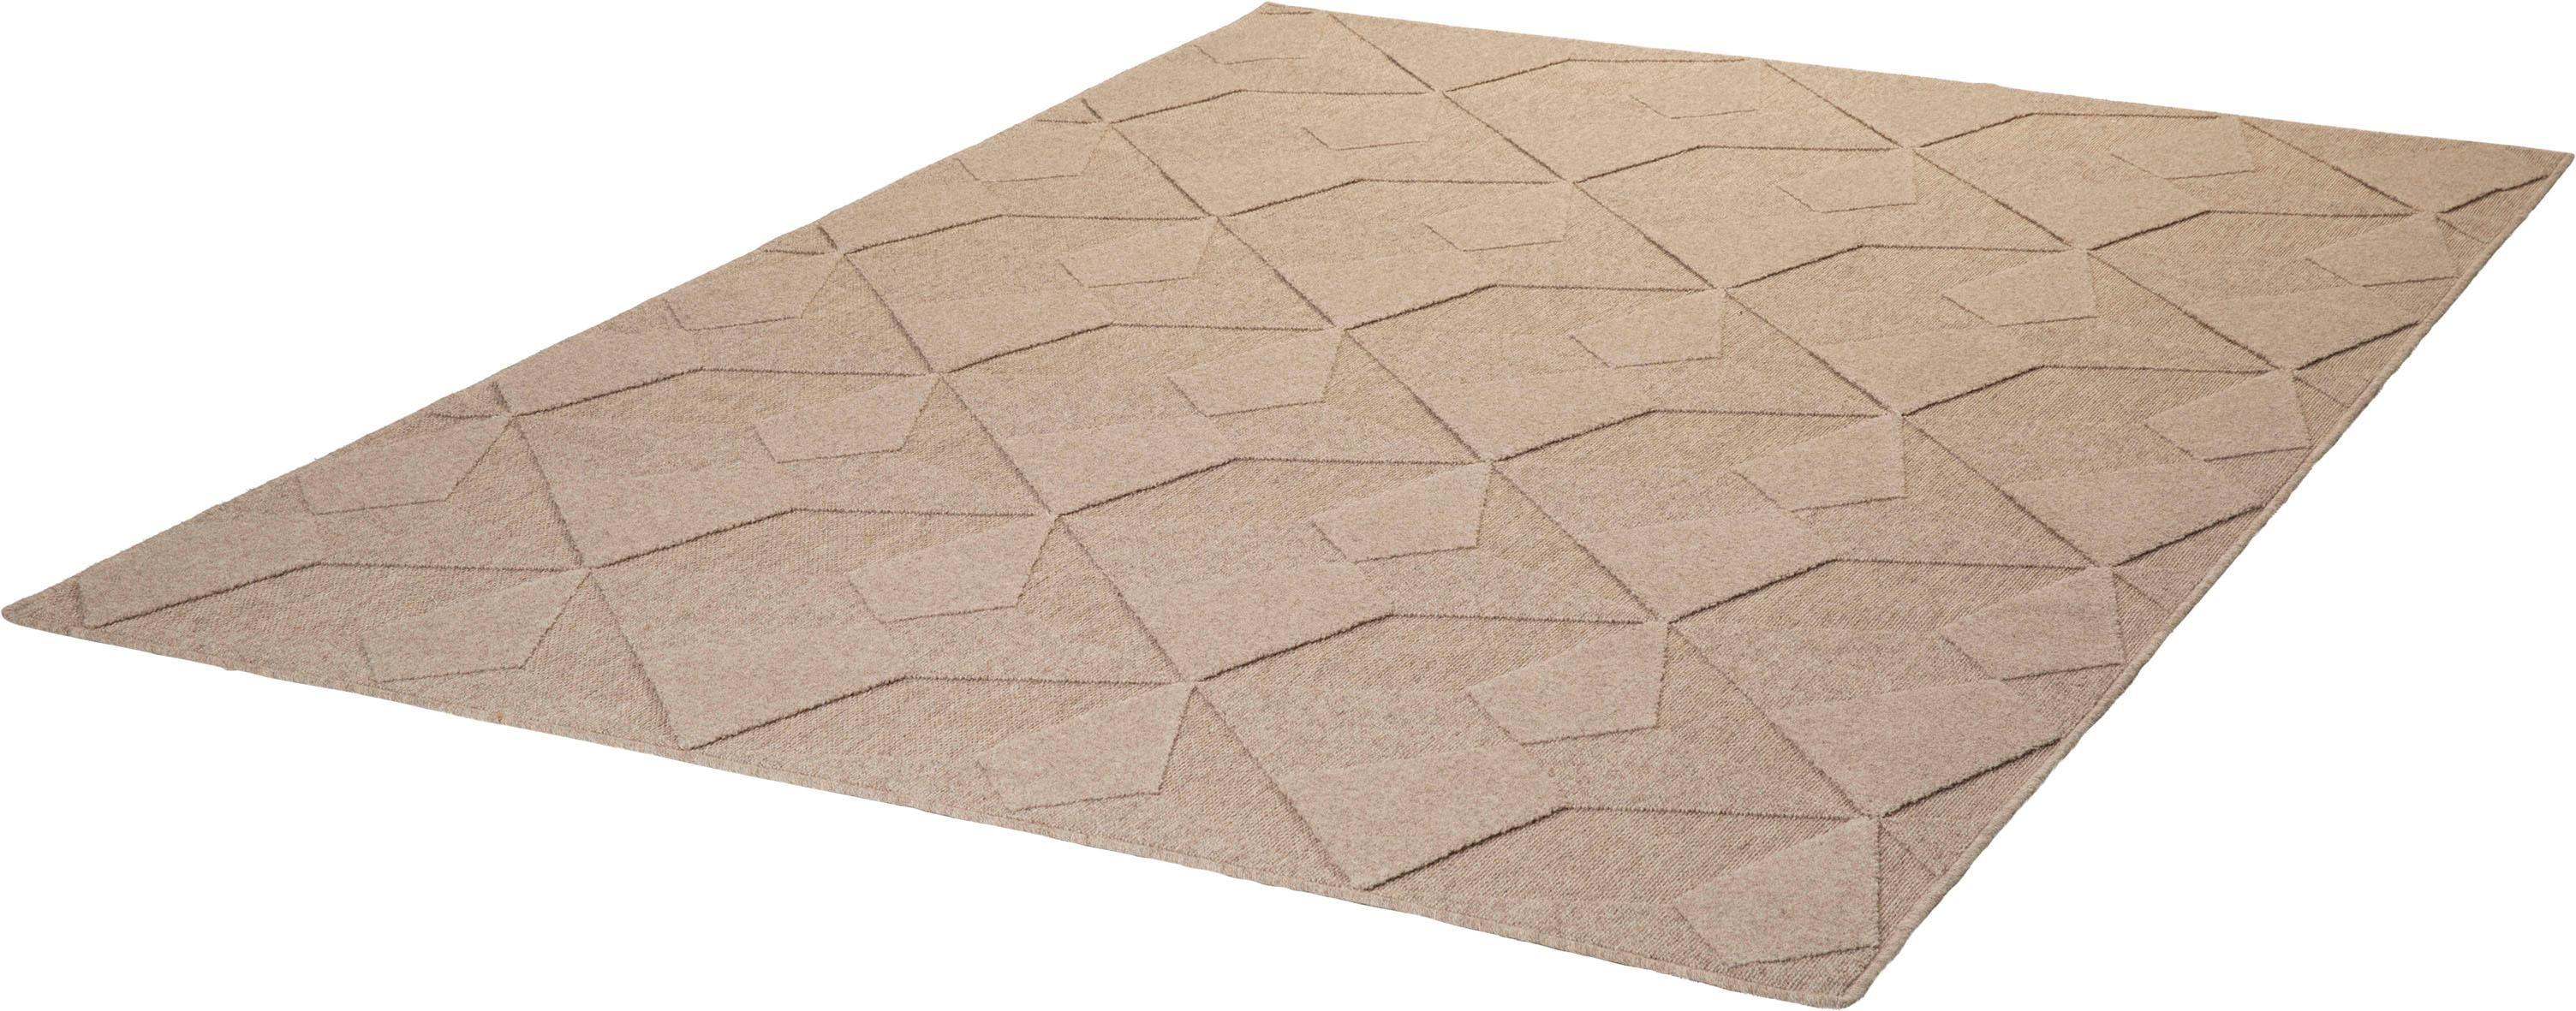 Teppich My Espen 463 Obsession rechteckig Höhe 11 mm maschinell gewebt